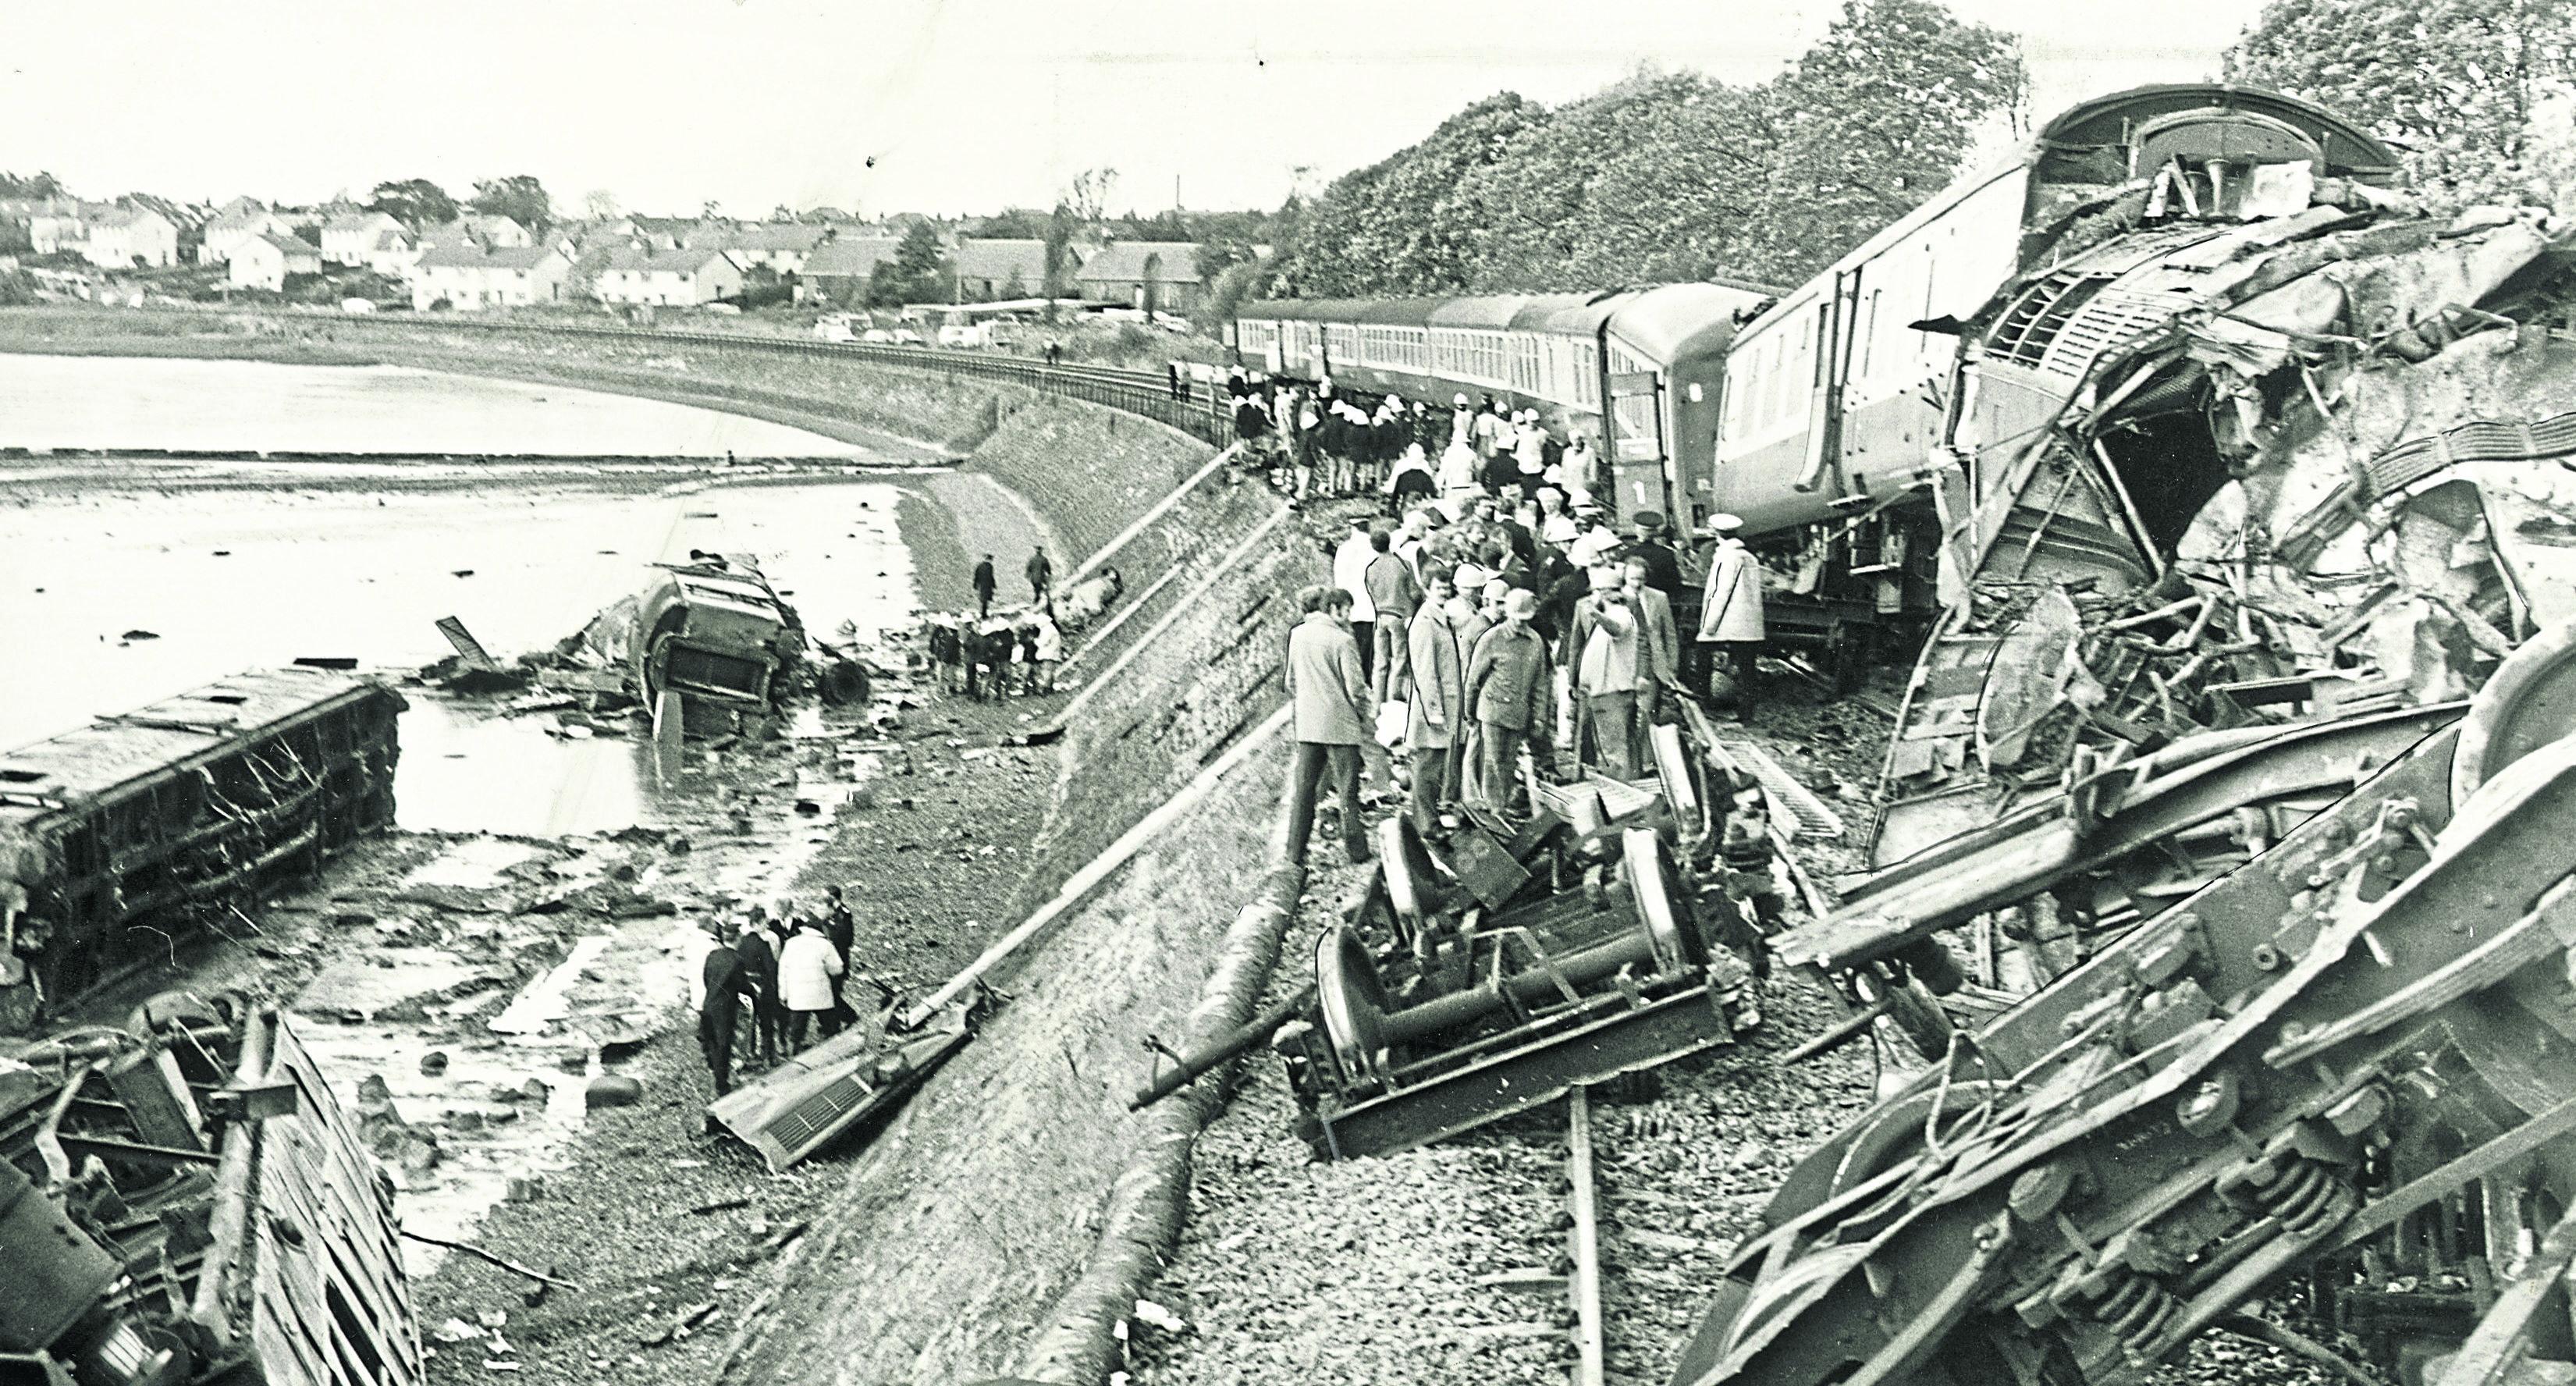 The Invergowrie train crash, 1979.